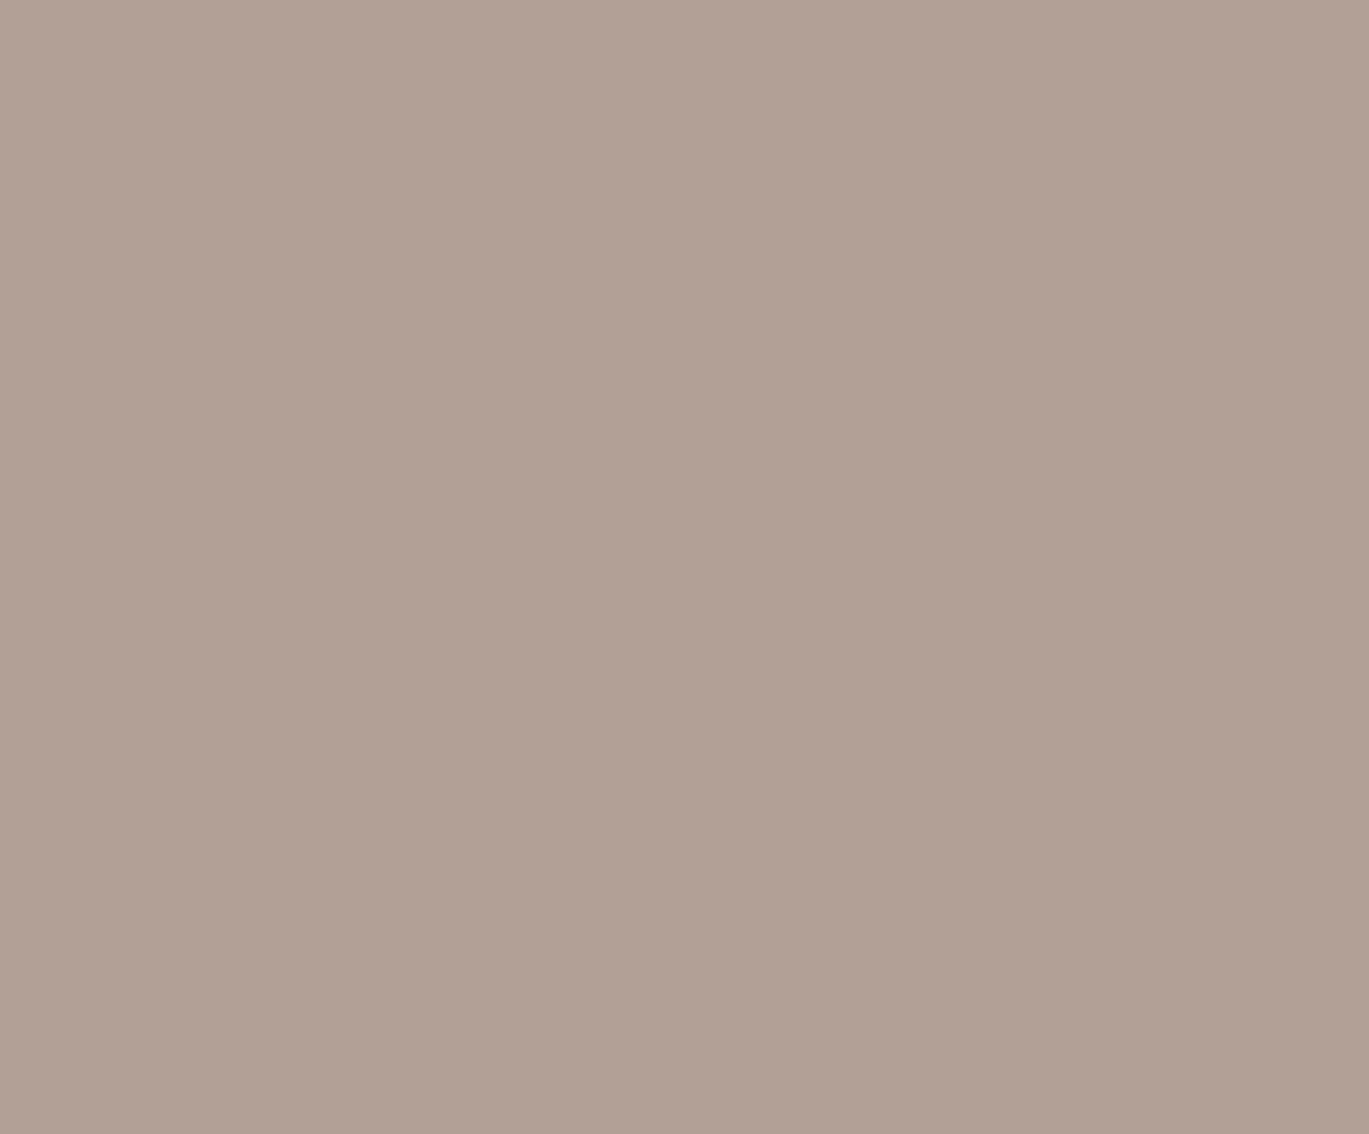 519123.average - Народный промысел родного края